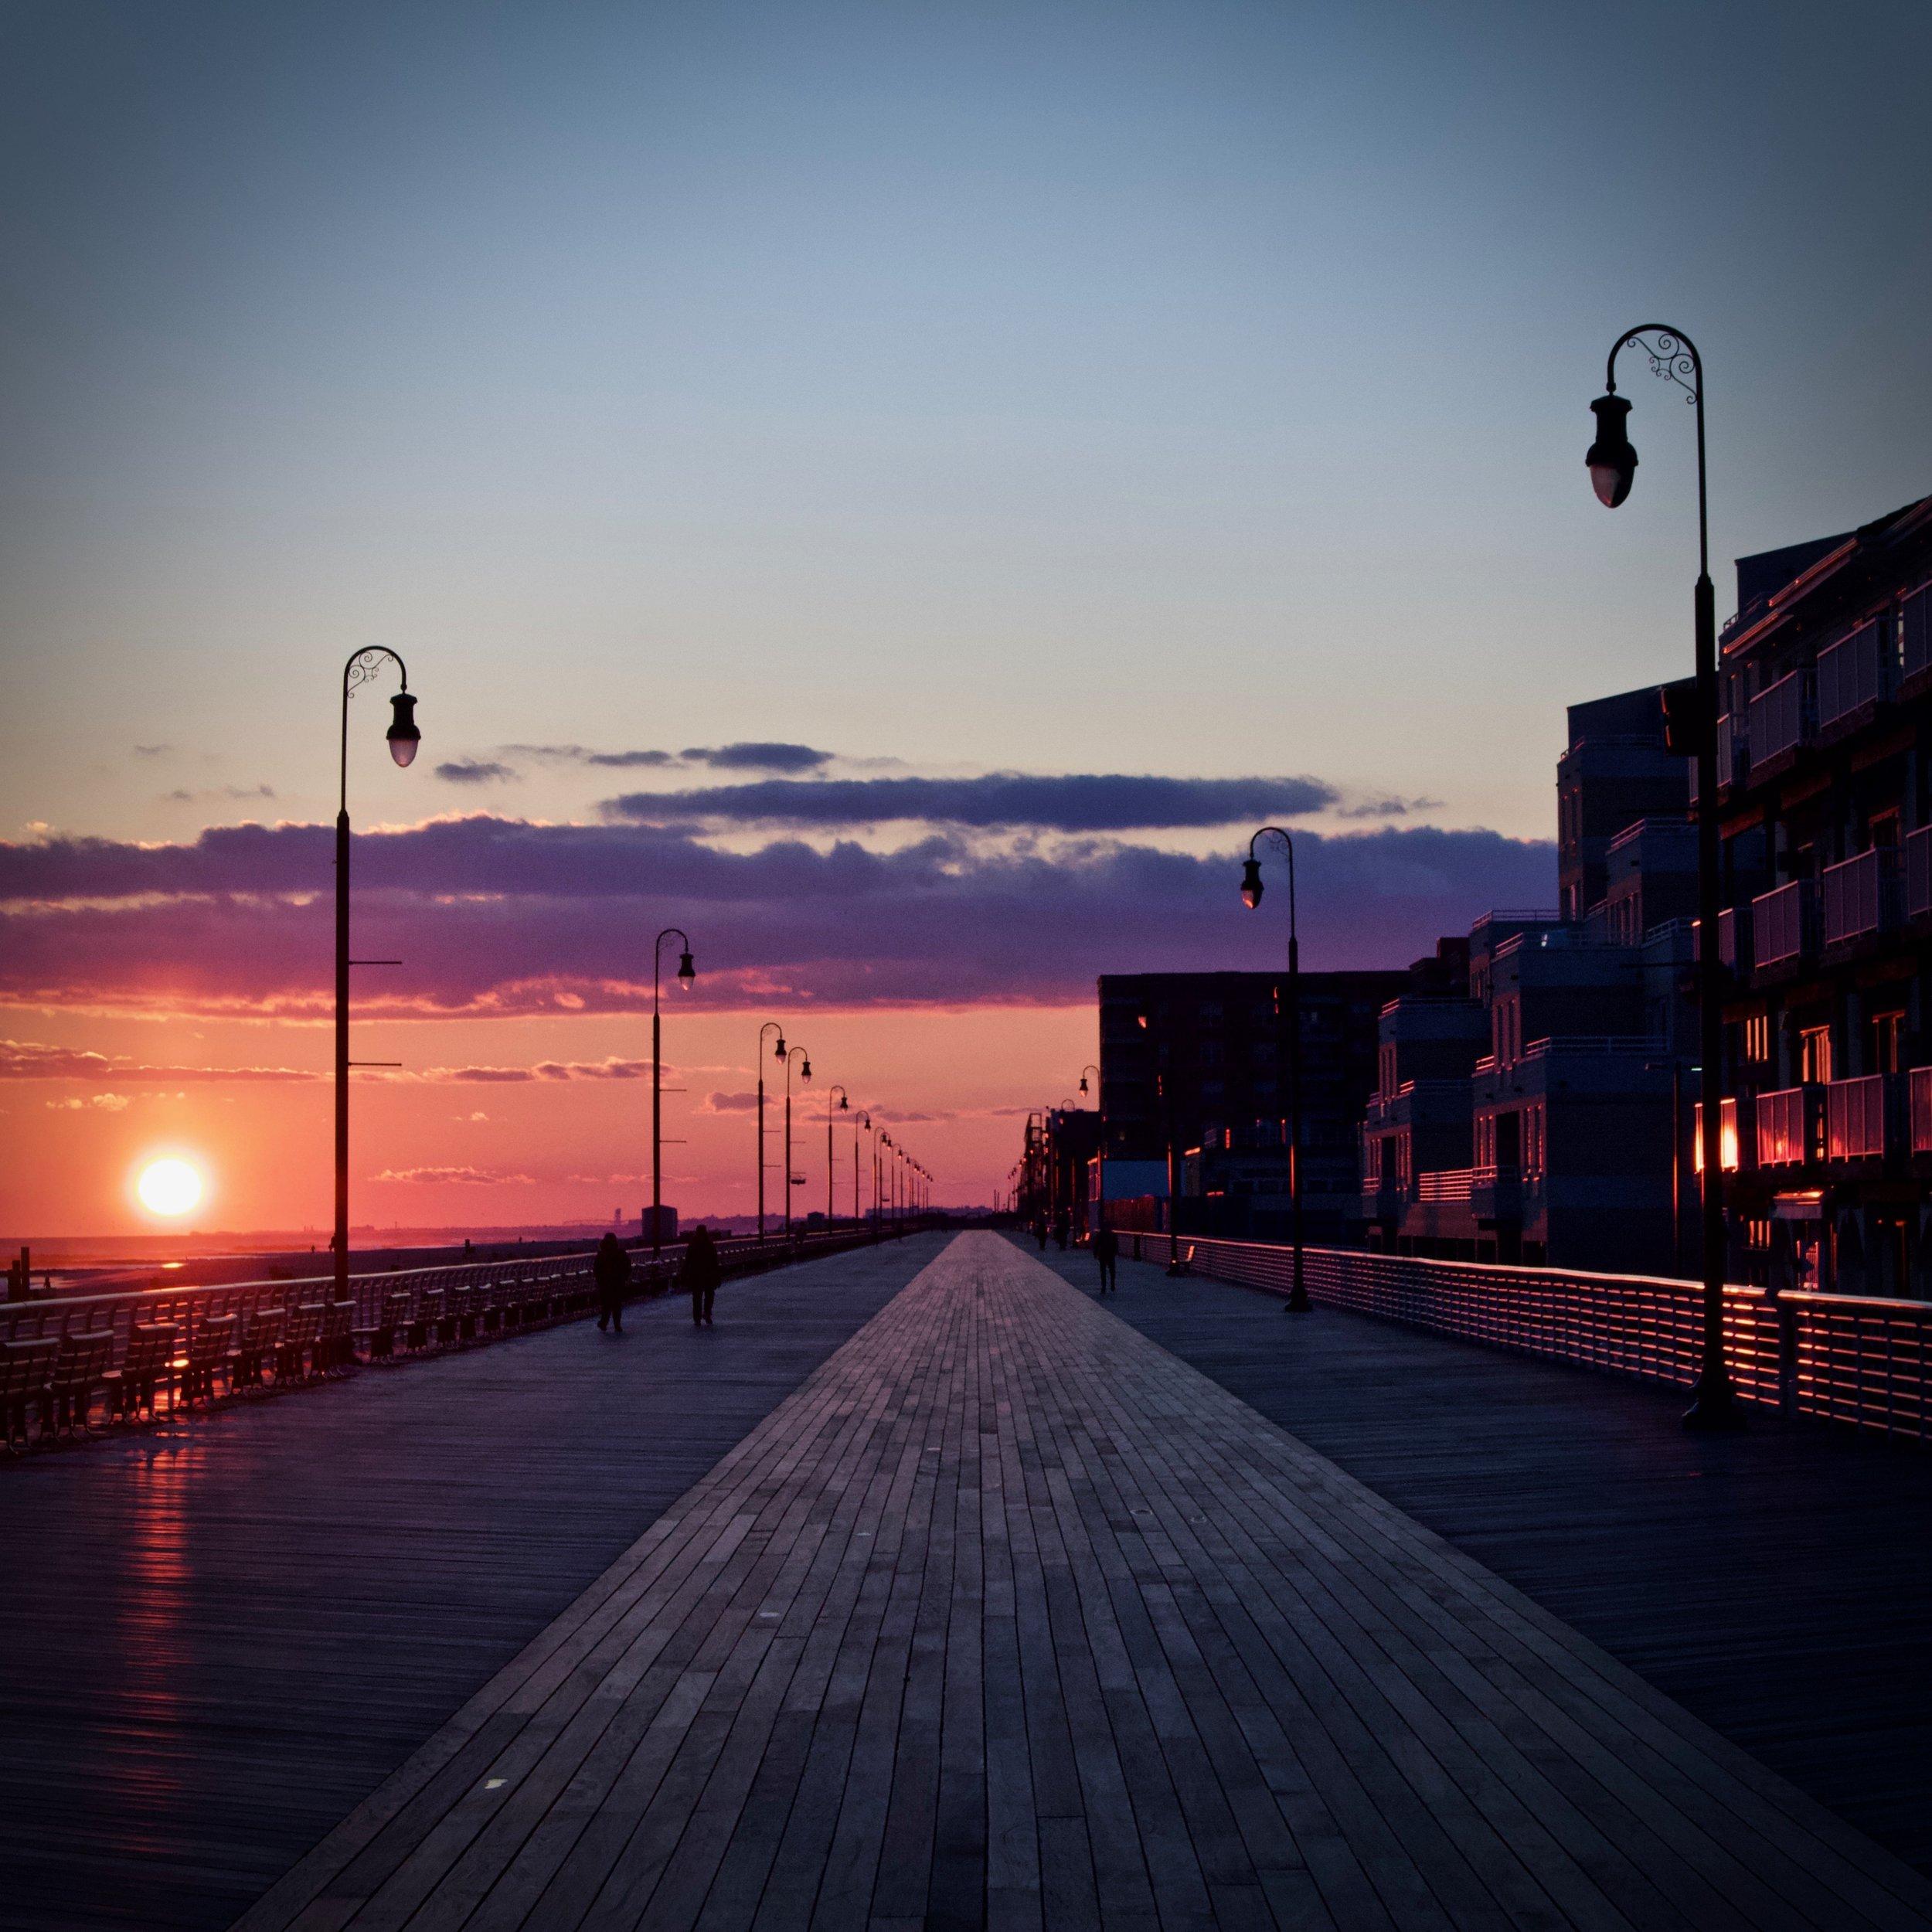 Long Beach Boardwalk Sunset (March 2019)